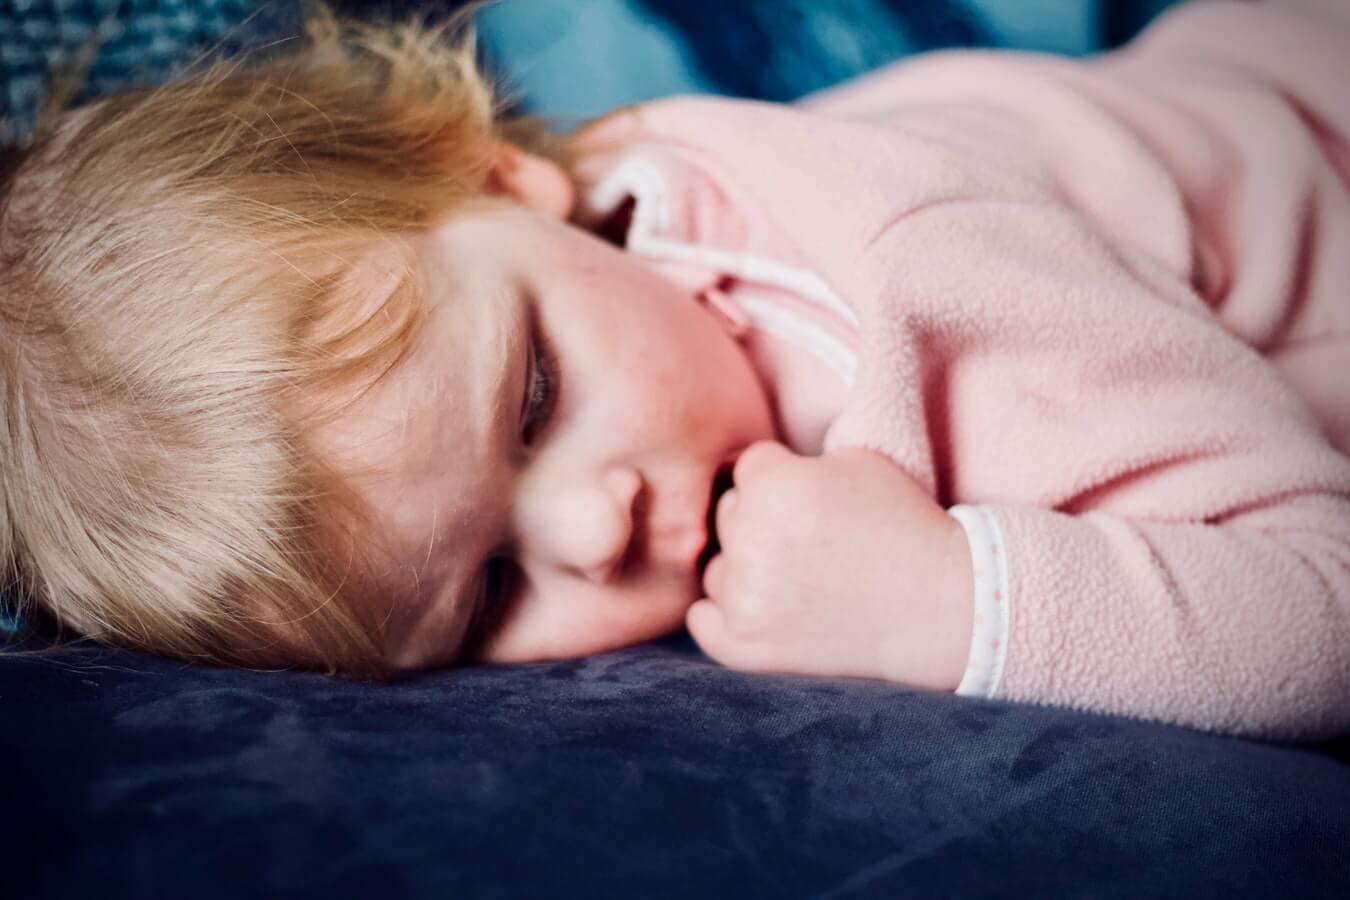 Prečítajte si reálne skúsenosti dvoch mamičiek, ktoré spánkový tréning vyskúšali.